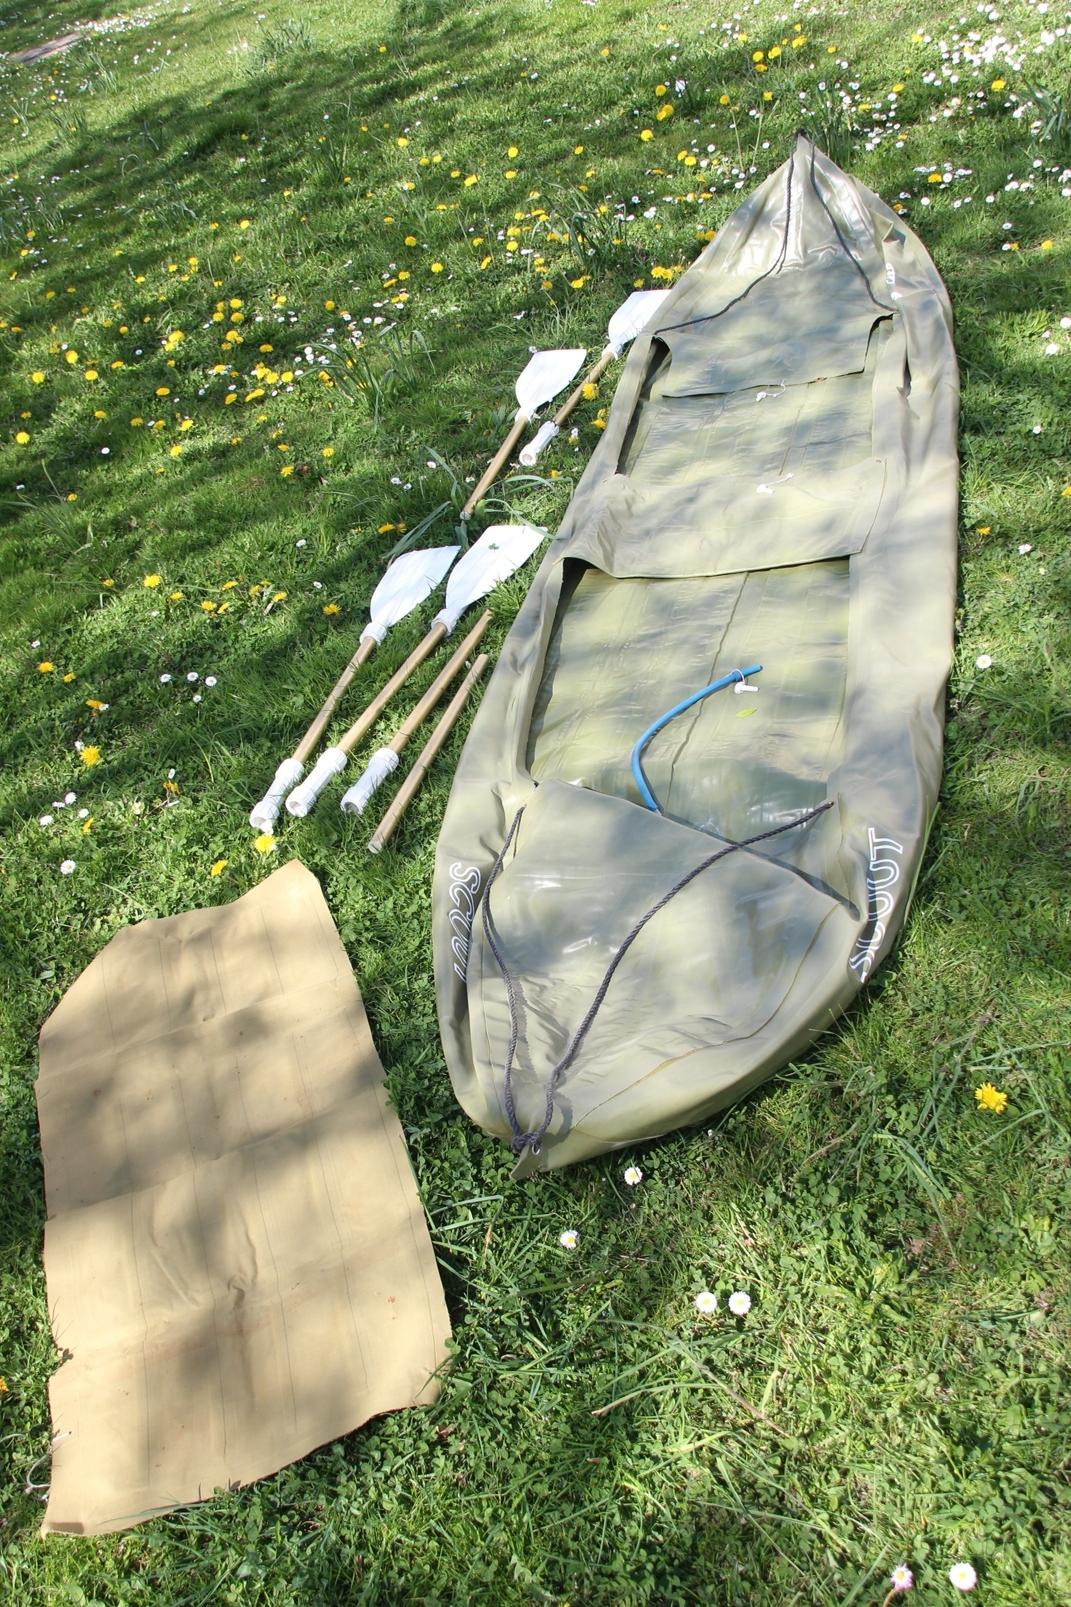 schlauchboot barum sico scout orig ddr paddelboot l 360 cm paddel 2 mann kajak ebay. Black Bedroom Furniture Sets. Home Design Ideas